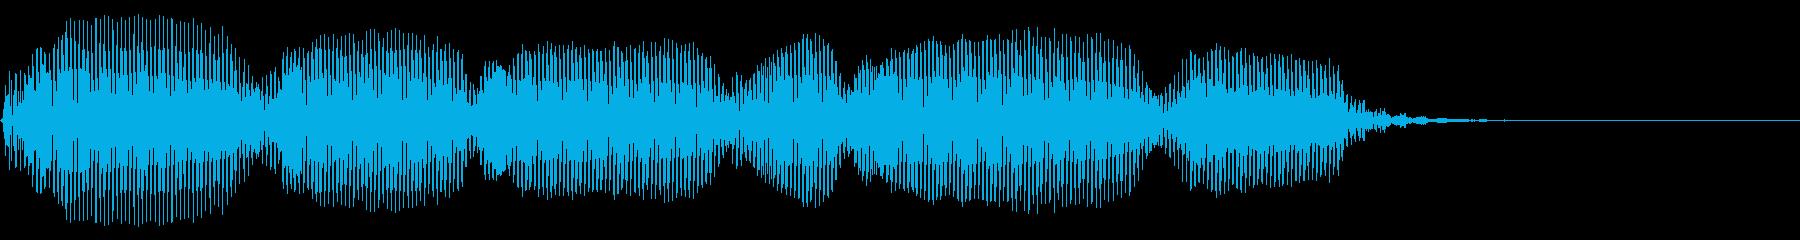 陽気 トランペット フラッターの再生済みの波形